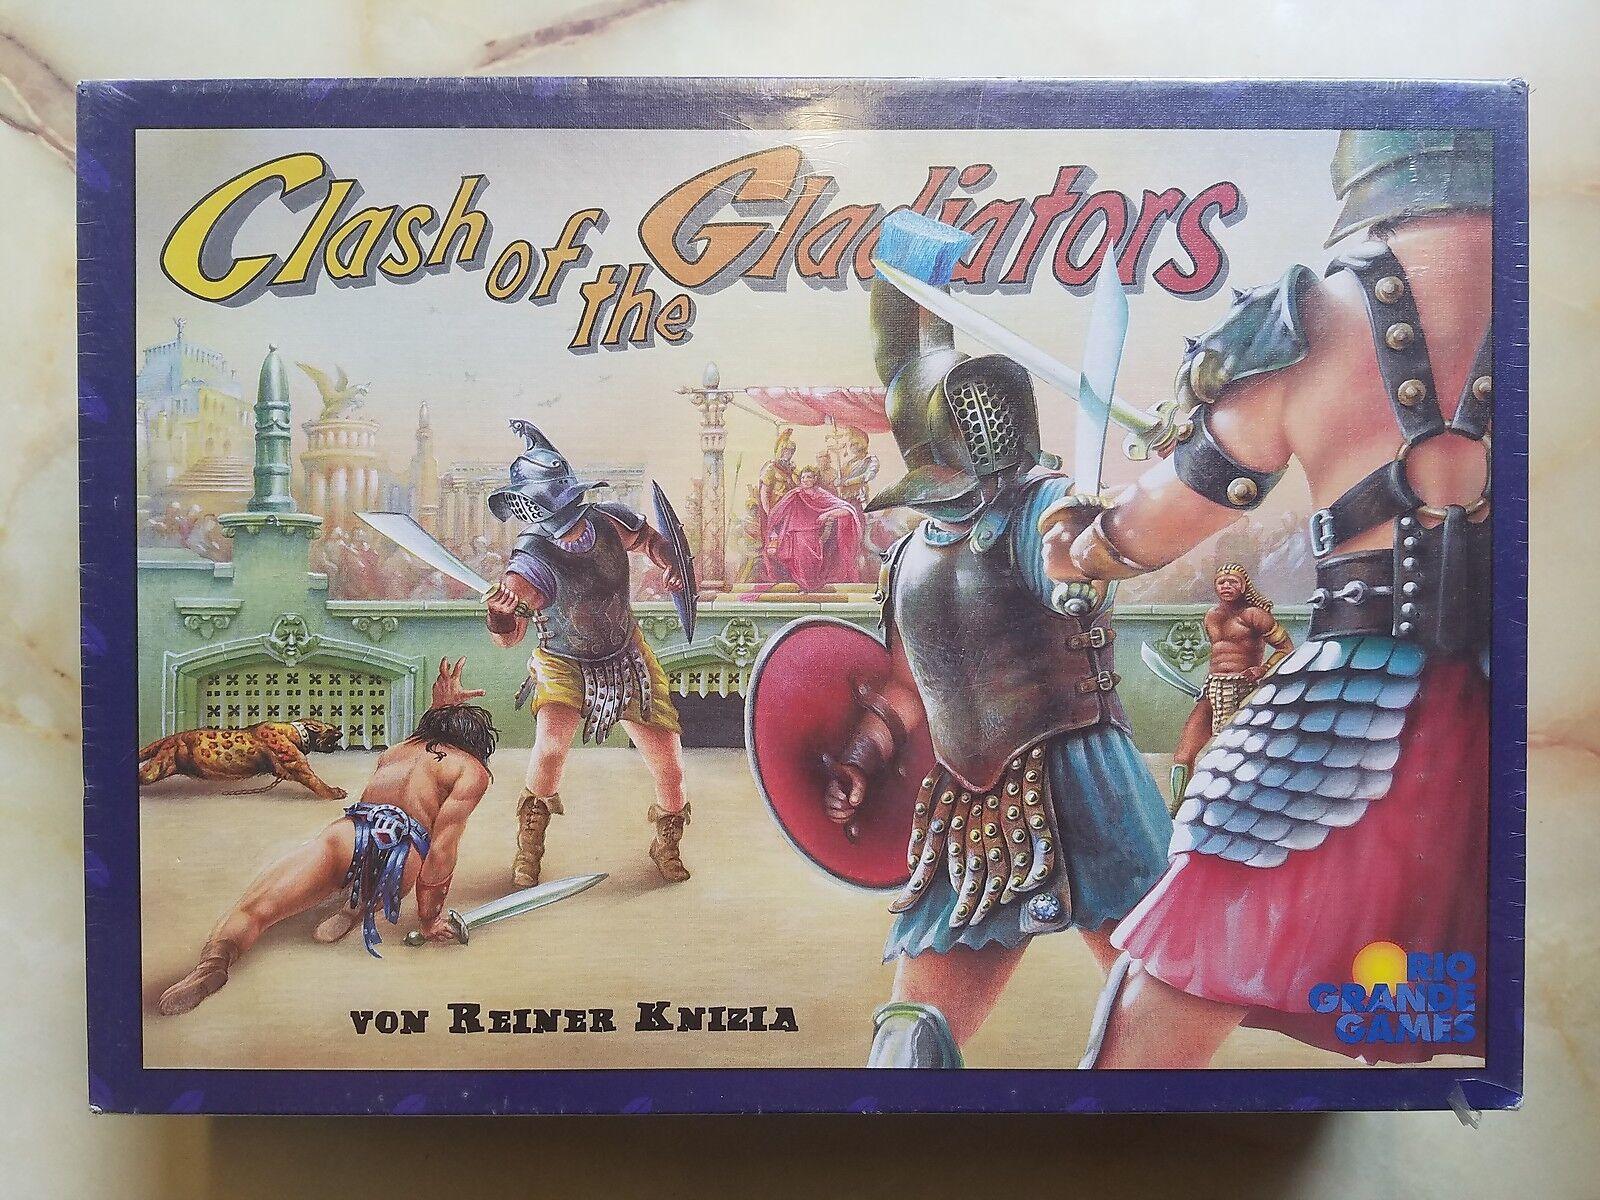 Kampf der gladiatoren brettspiel fabrik versiegelt 2002 rio grande games